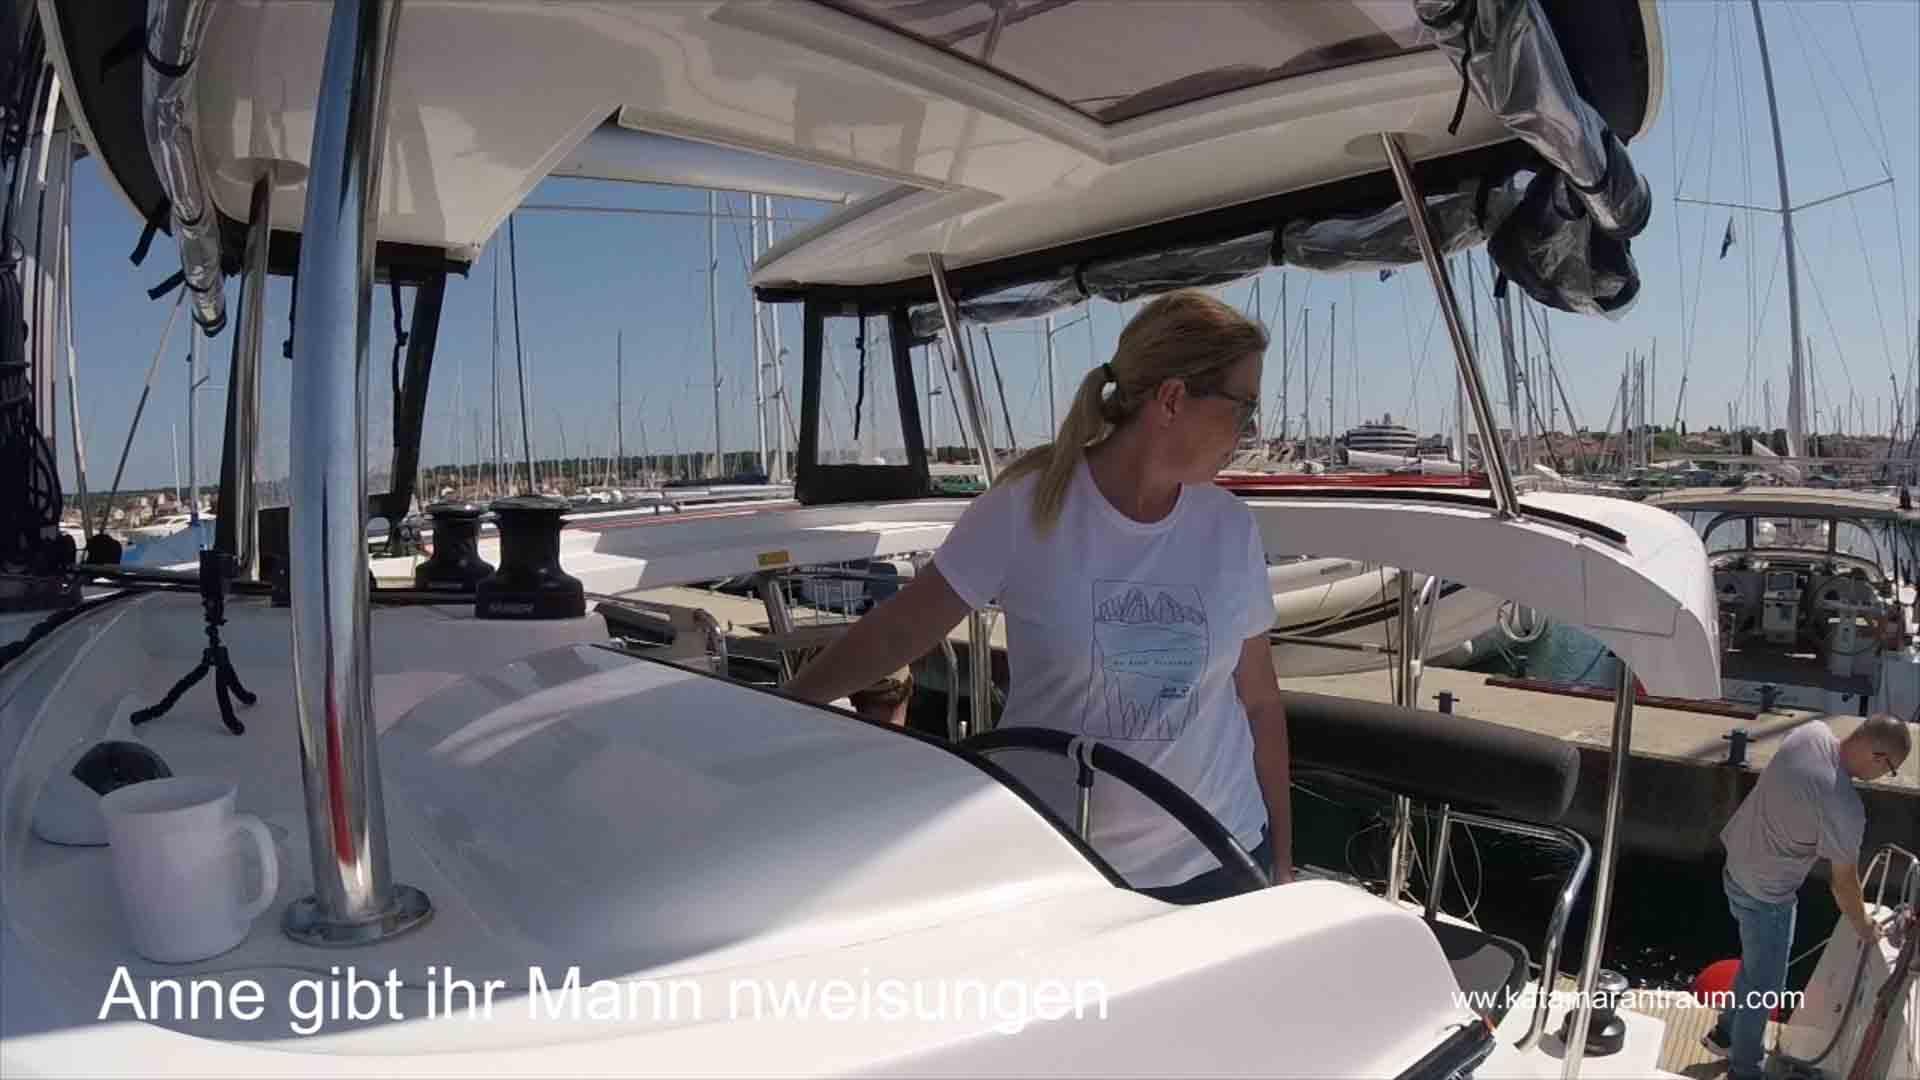 Anne gibt beim Katamaran Training anweisungen an die Männer